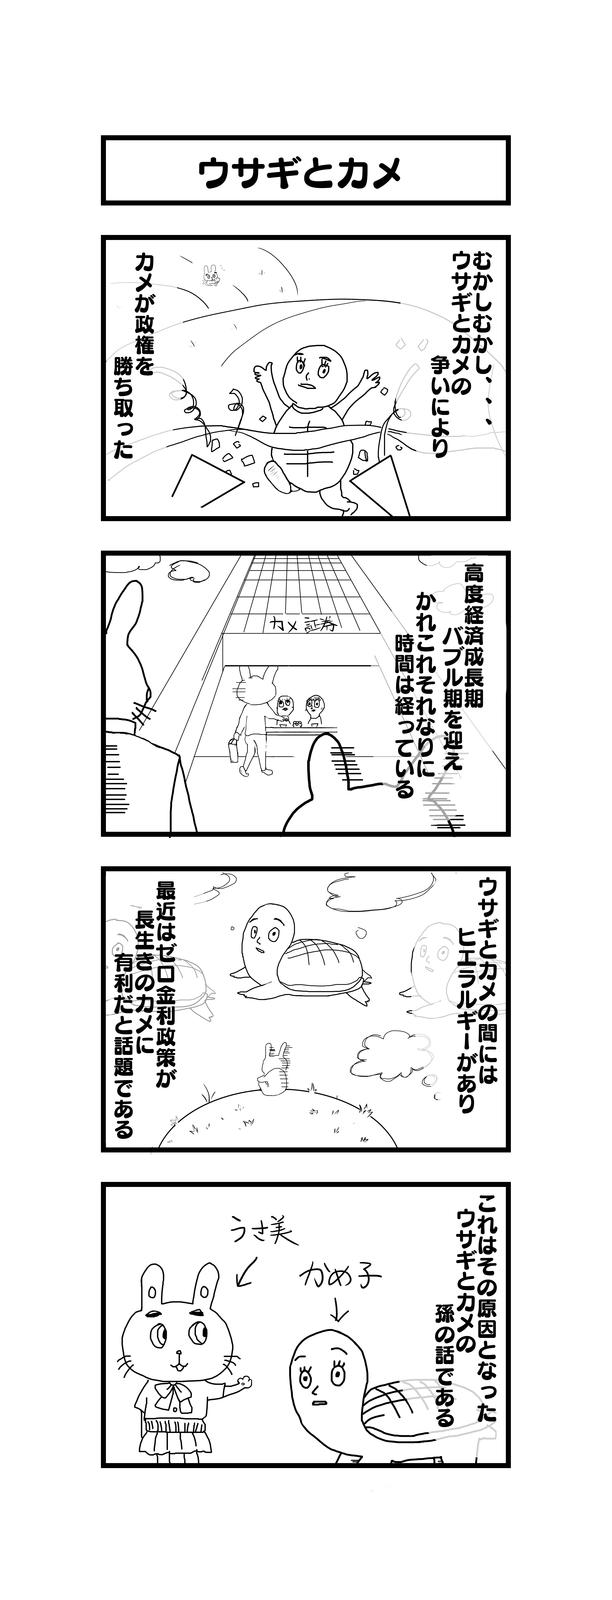 孫の代までウサギとカメ第1話